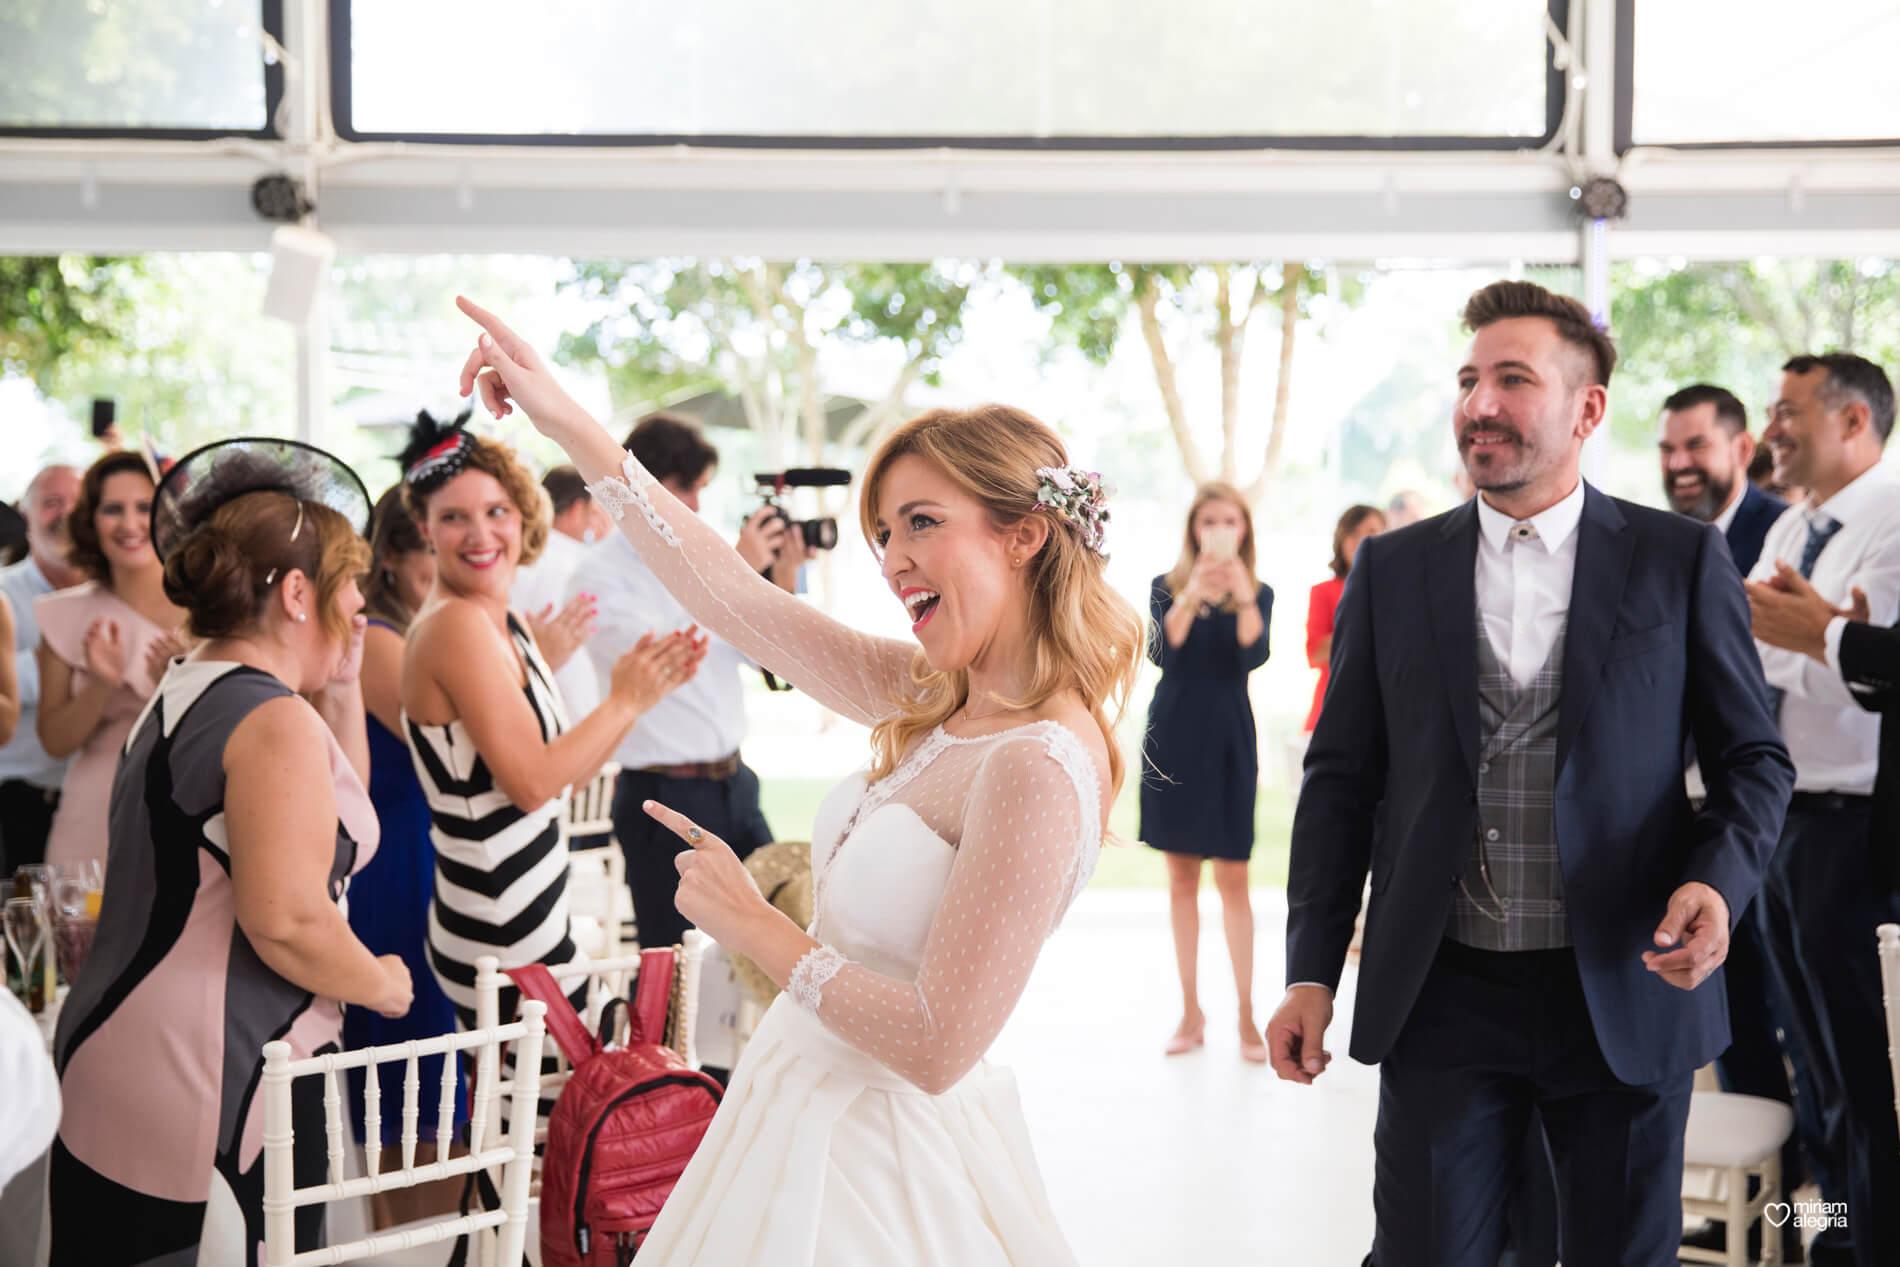 boda-en-finca-villa-vera-de-alemc7-miriam-alegria-fotografos-boda-murcia-147